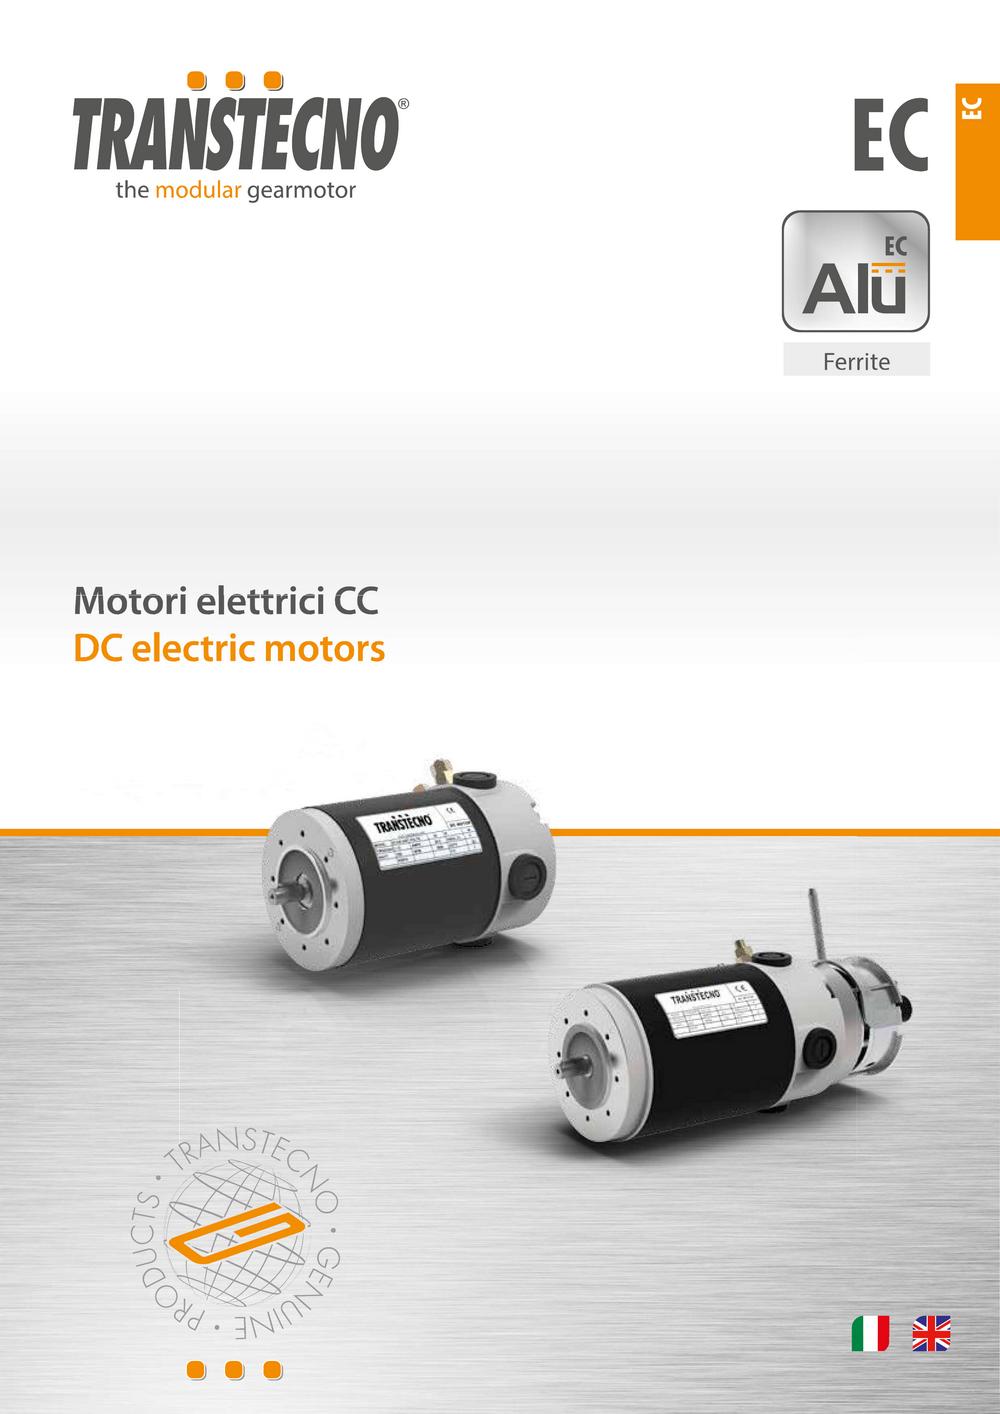 Двигатели TRANSTECNO с ферритовыми магнитами EC.